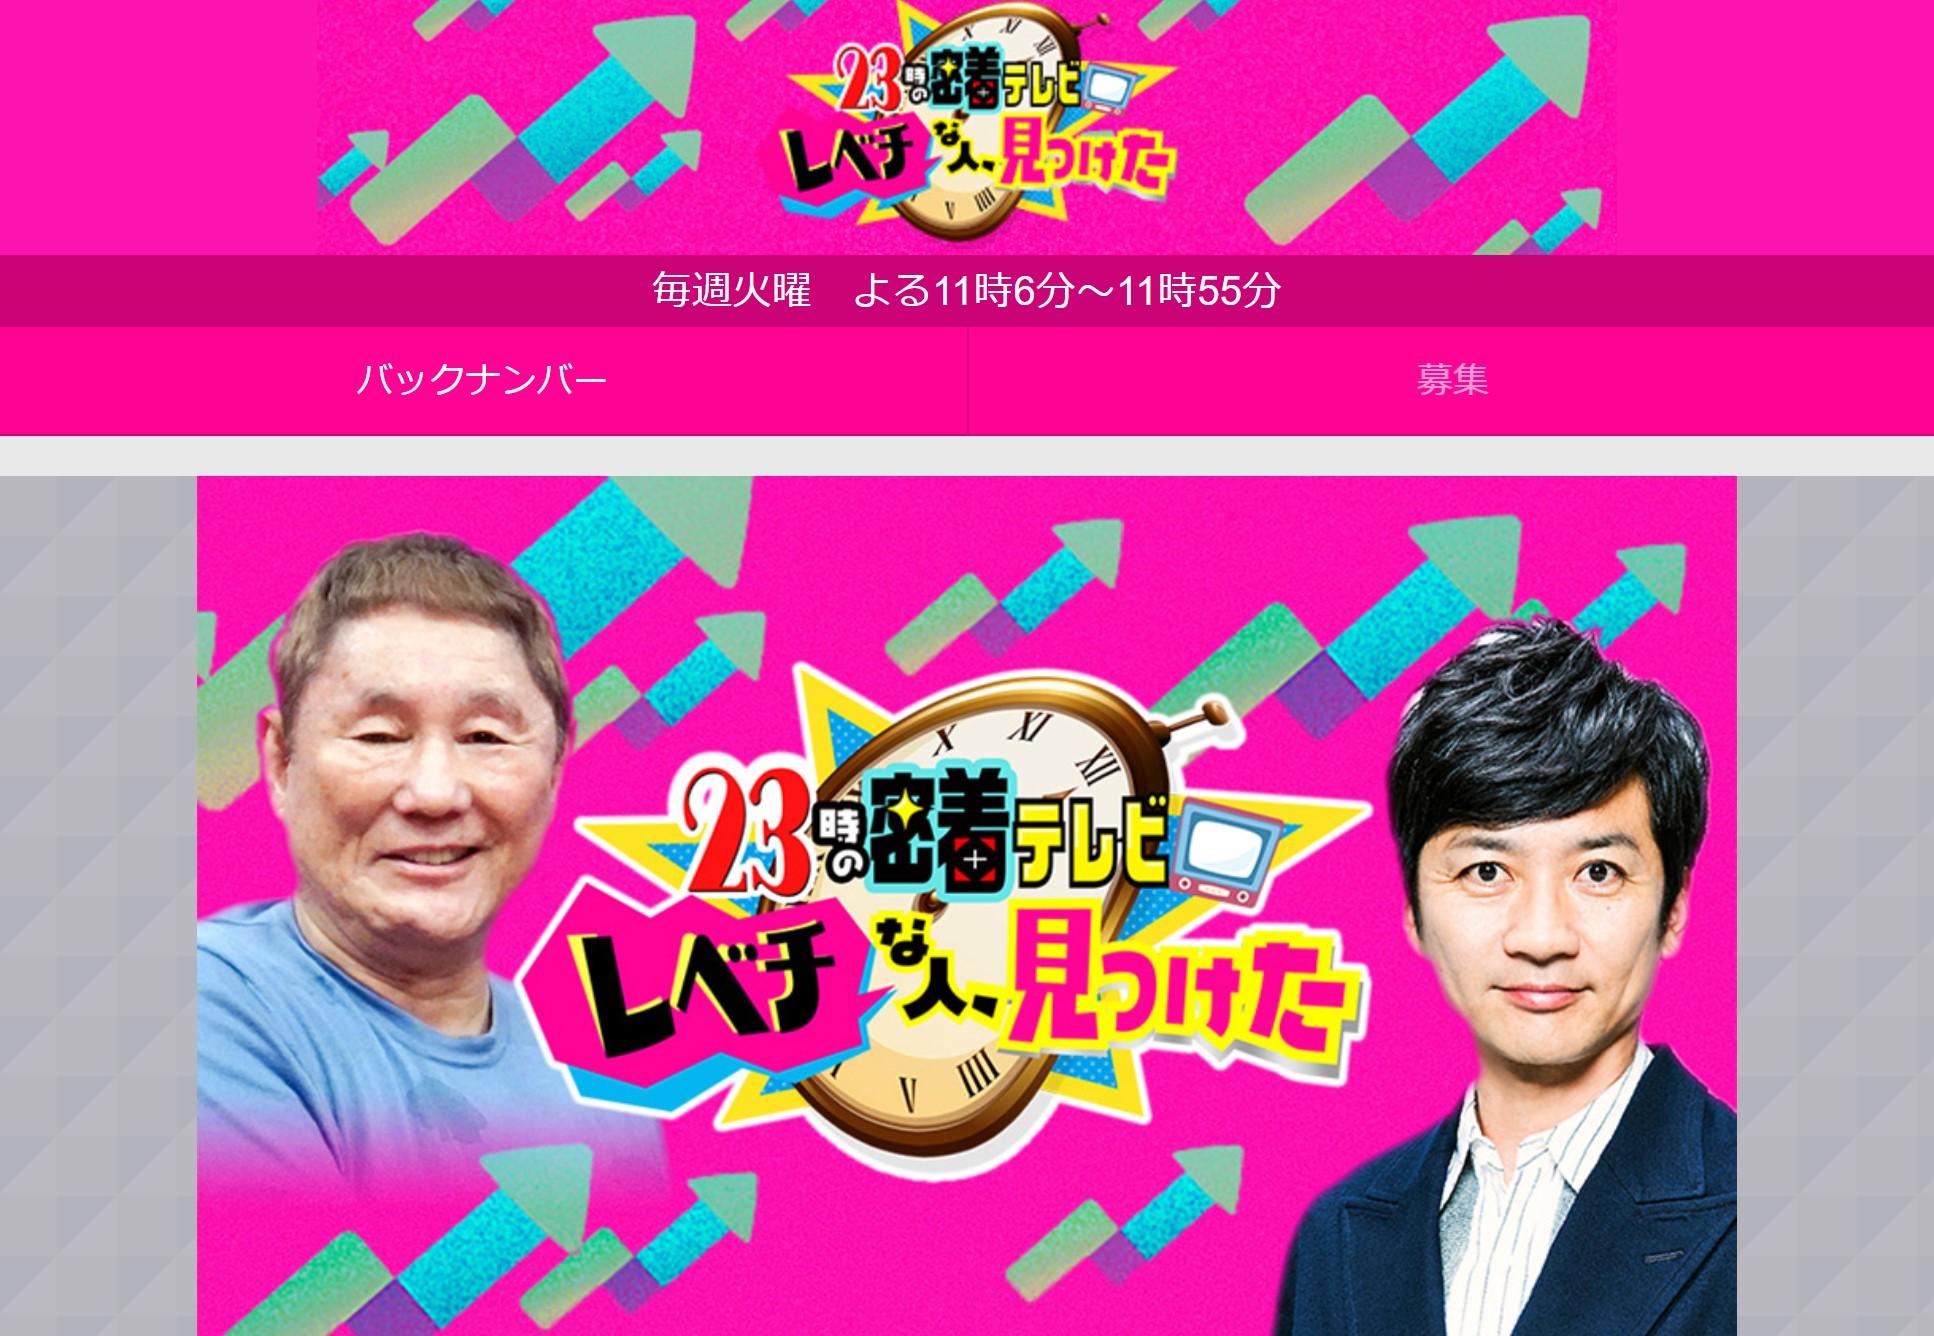 テレビ東京『23時の密着テレビ「レベチな人、見つけた』出演のお知らせ